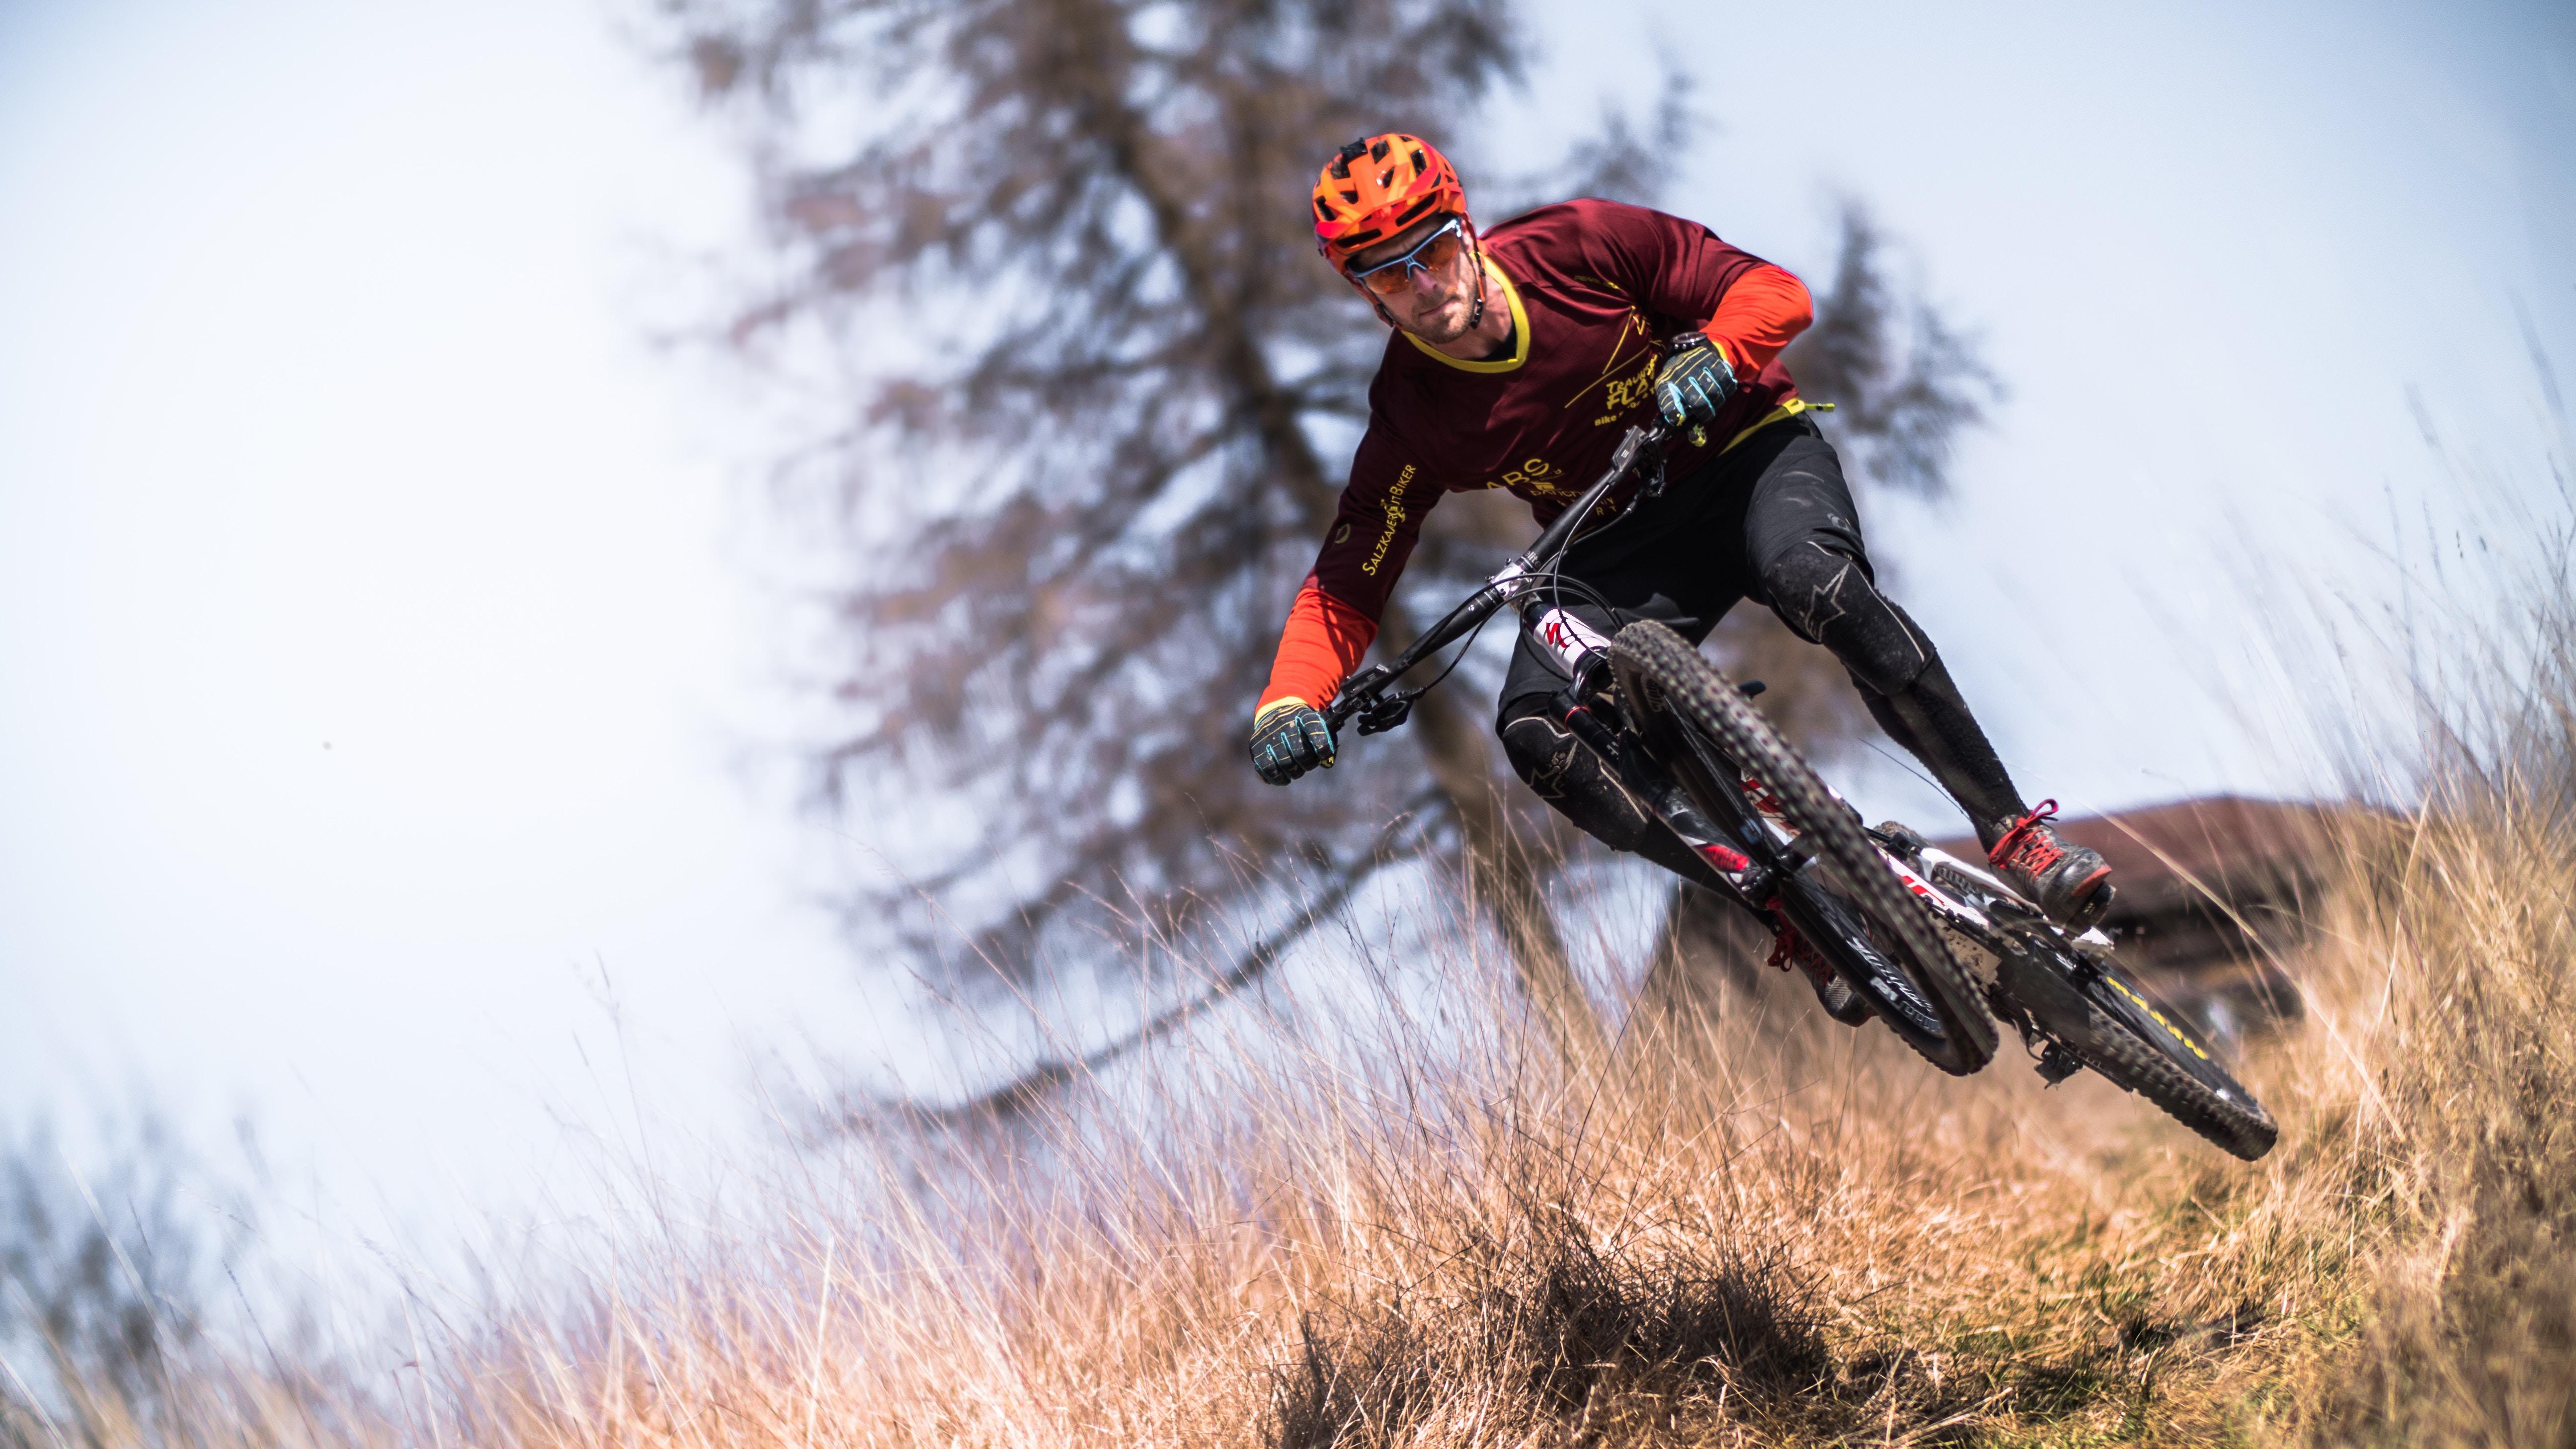 Mountainbike project fiets app